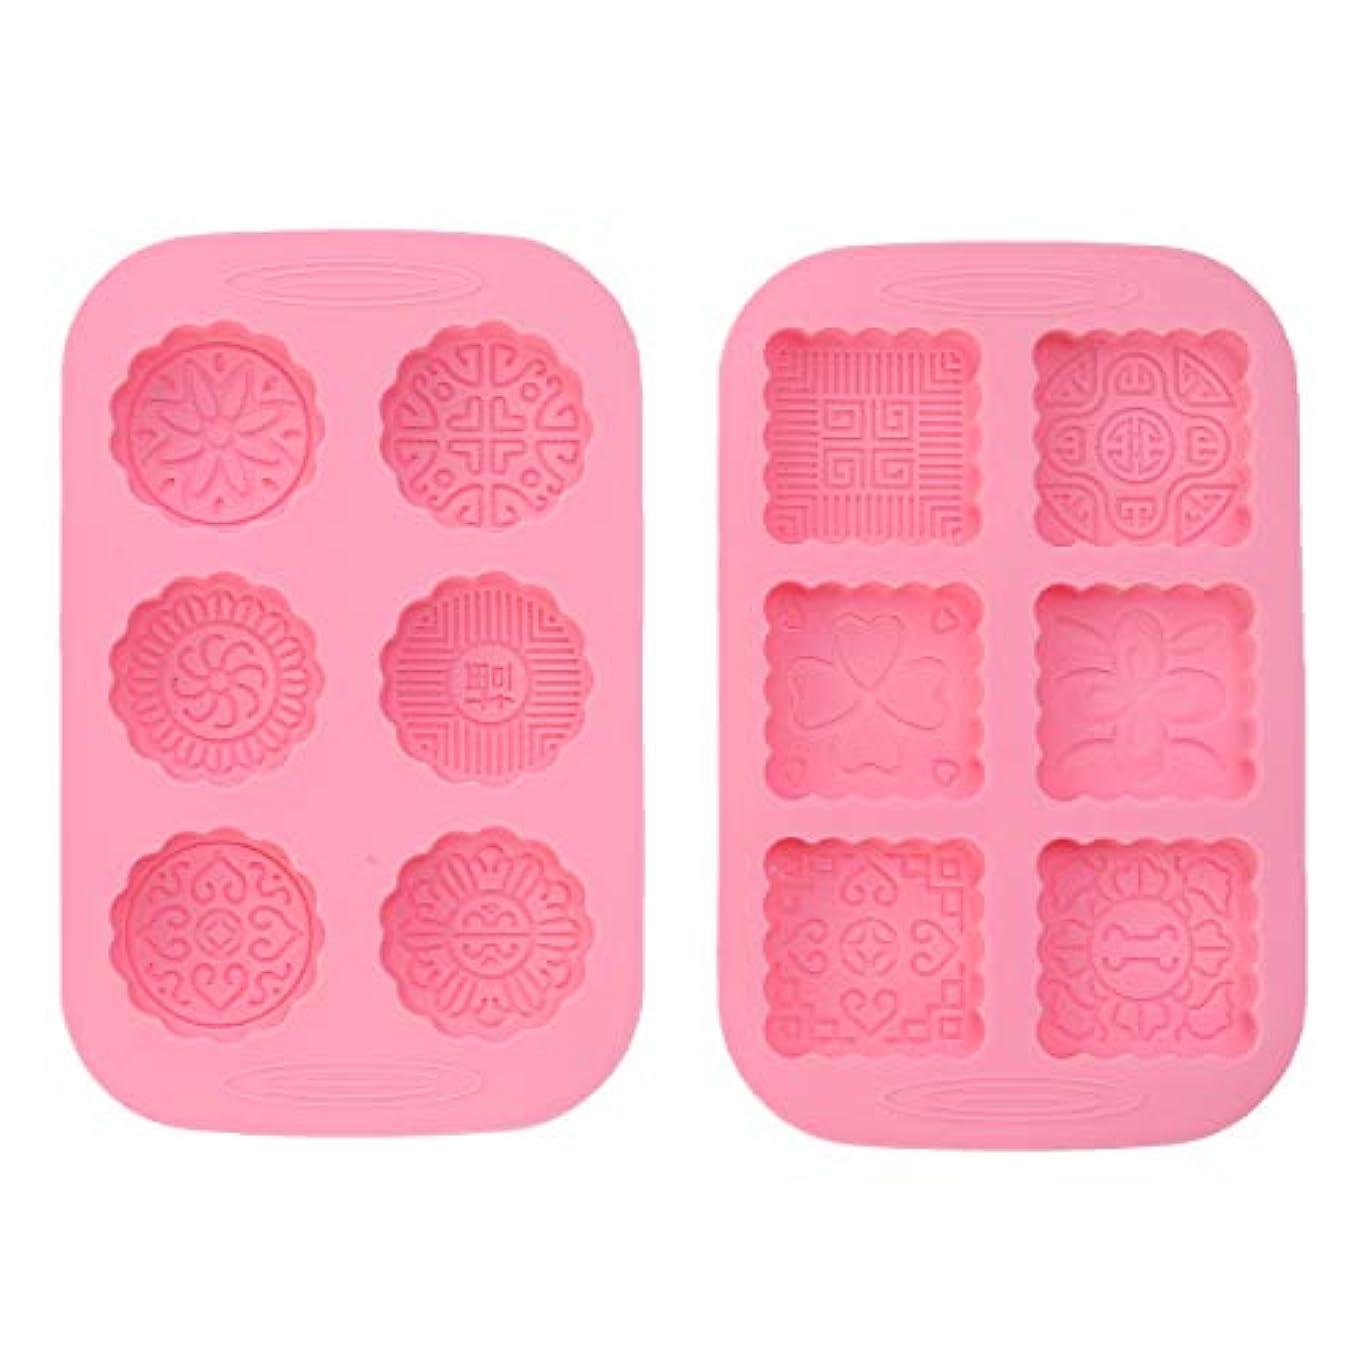 蘇生する端末概してSUPVOX 2本シリコンケーキマフィンムーンケーキ型花型金型DIYフォンダンショコラキャンディ金型アイスゼリーソープキューブトレイ(ピンク)